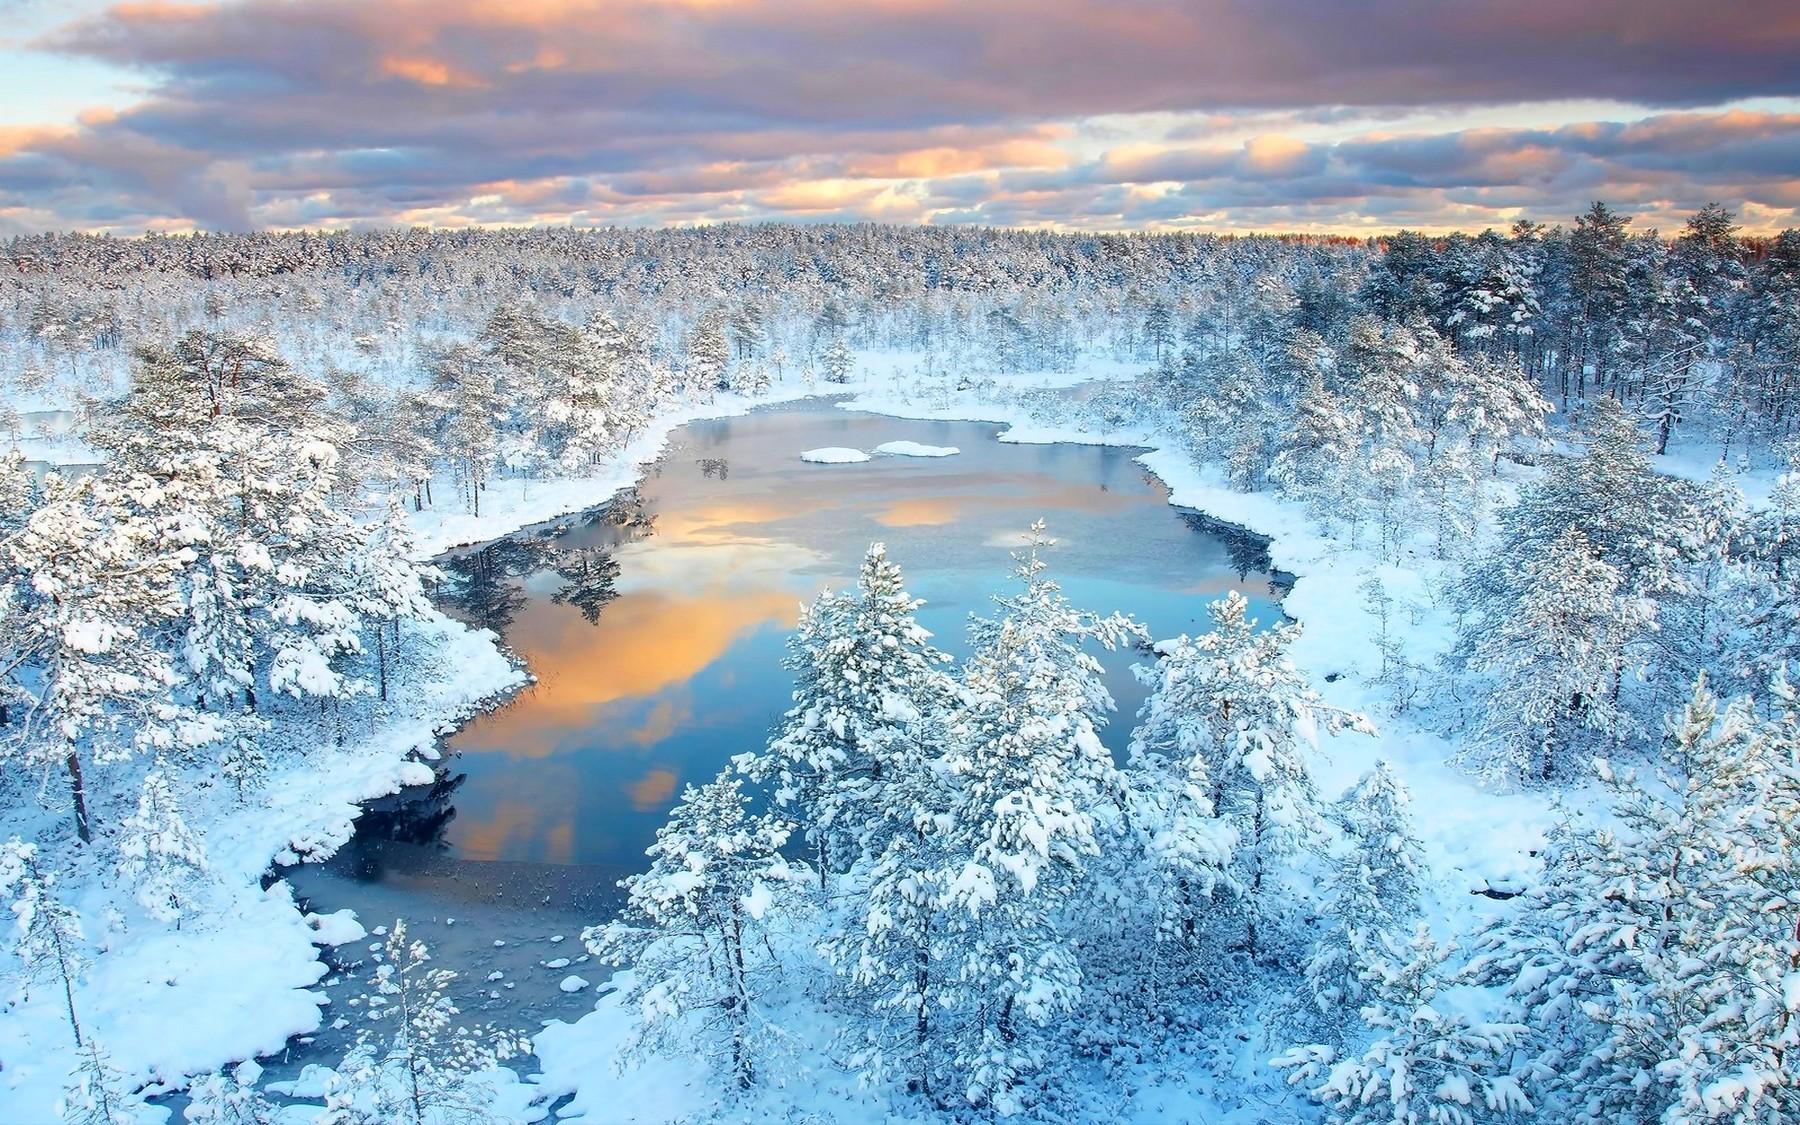 фото красивых зимних уголков полевых